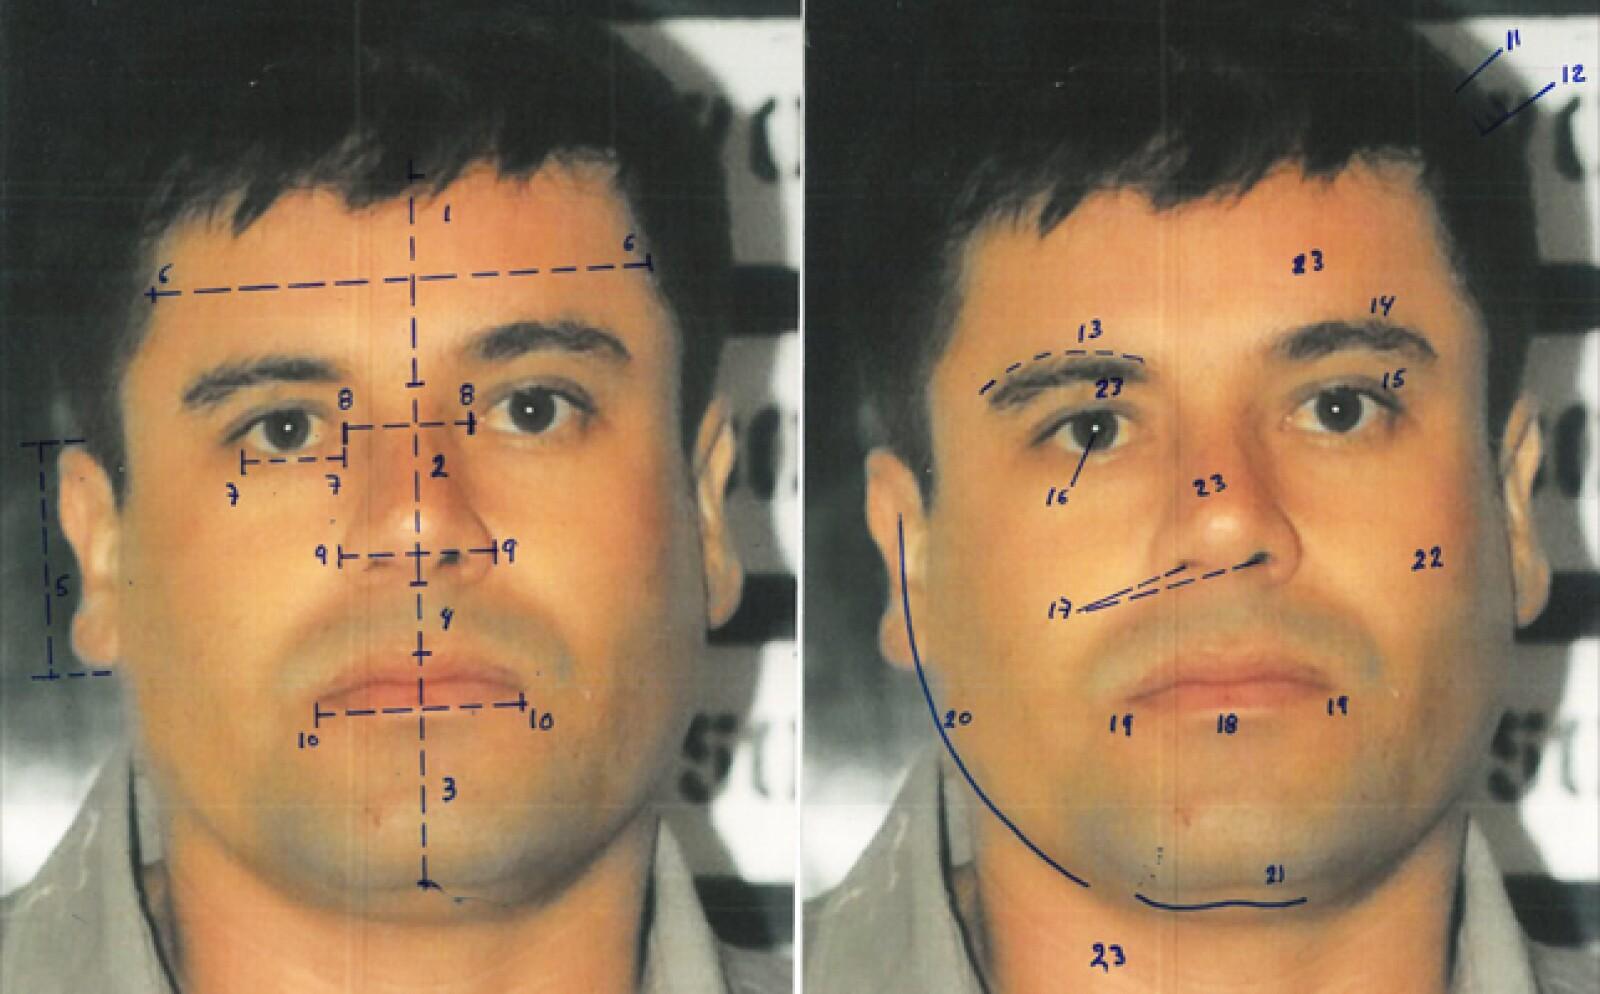 Los peritos también compararon los rasgos faciales de El Chapo a através de fotografías, y por medio de un método antropométrico comparativo de medidas, es decir,  midiendo los rasgos faciales  y comparándolos.